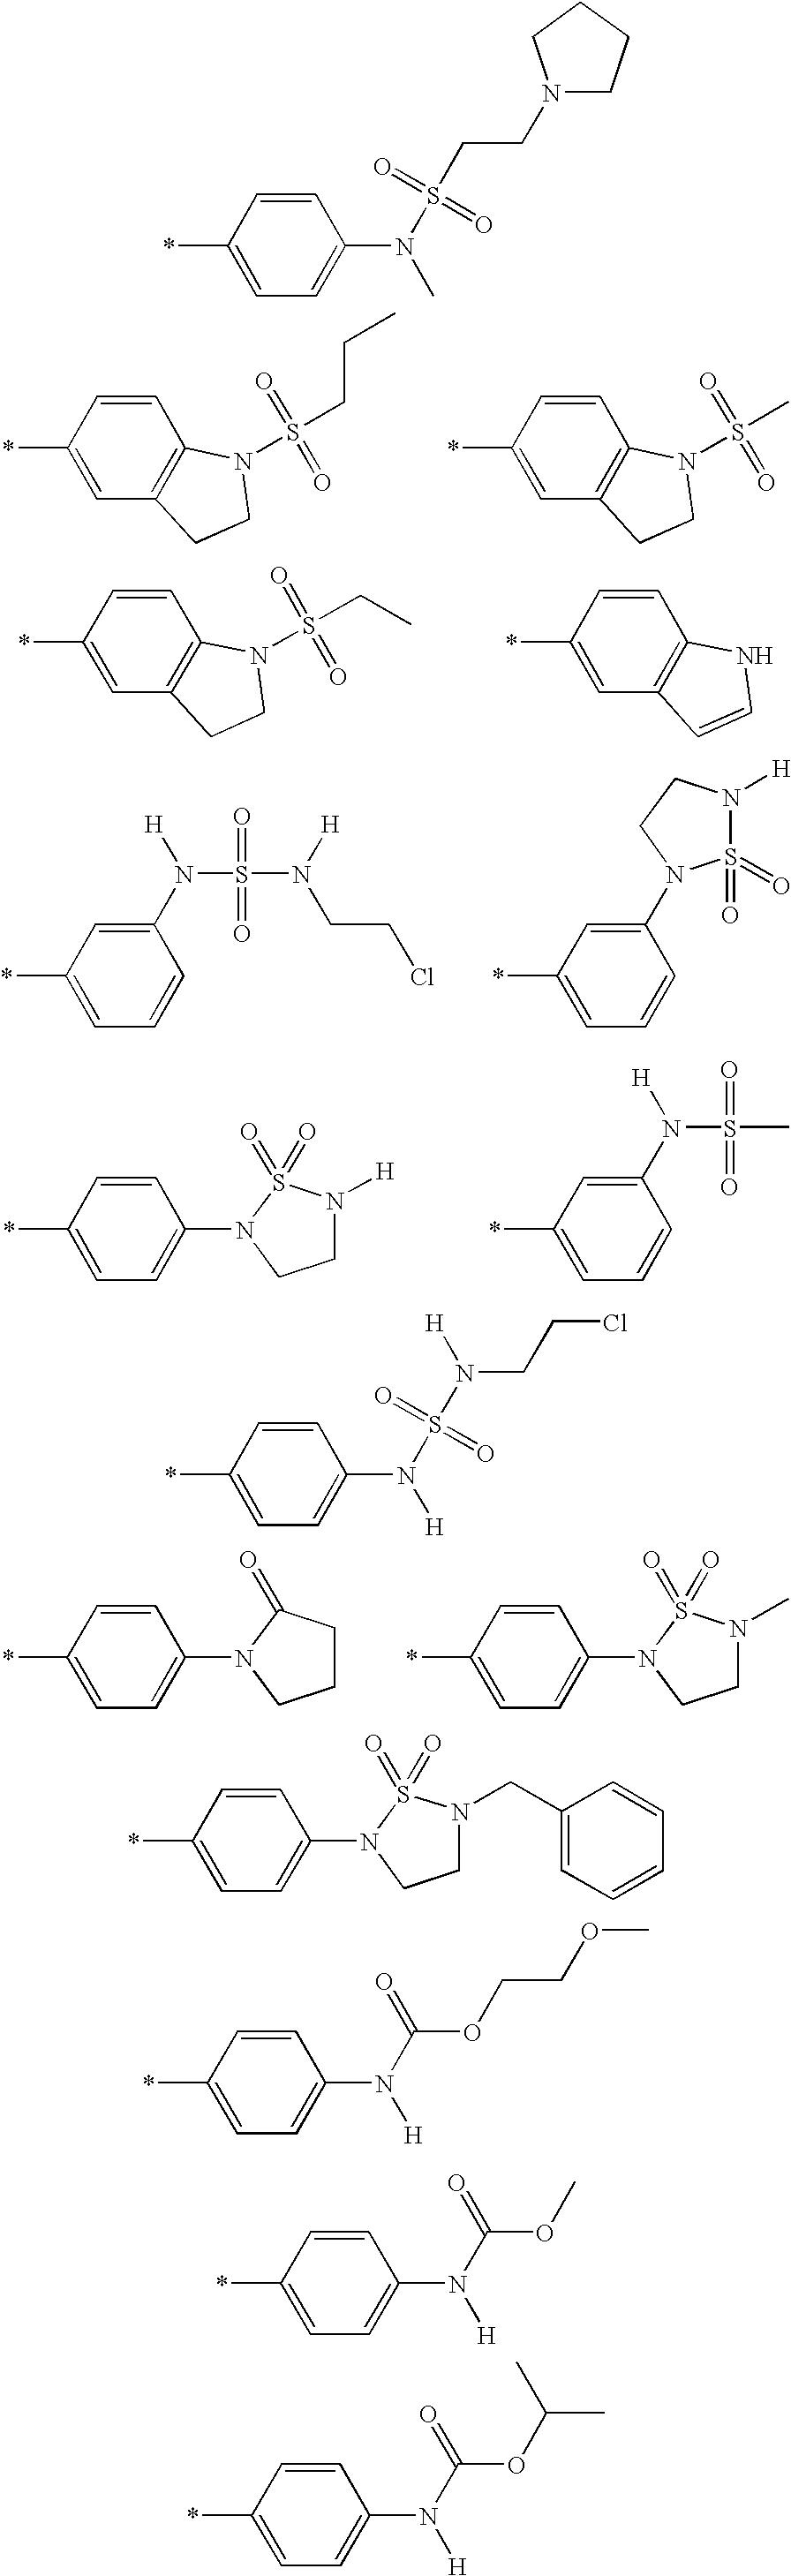 Figure US07781478-20100824-C00131